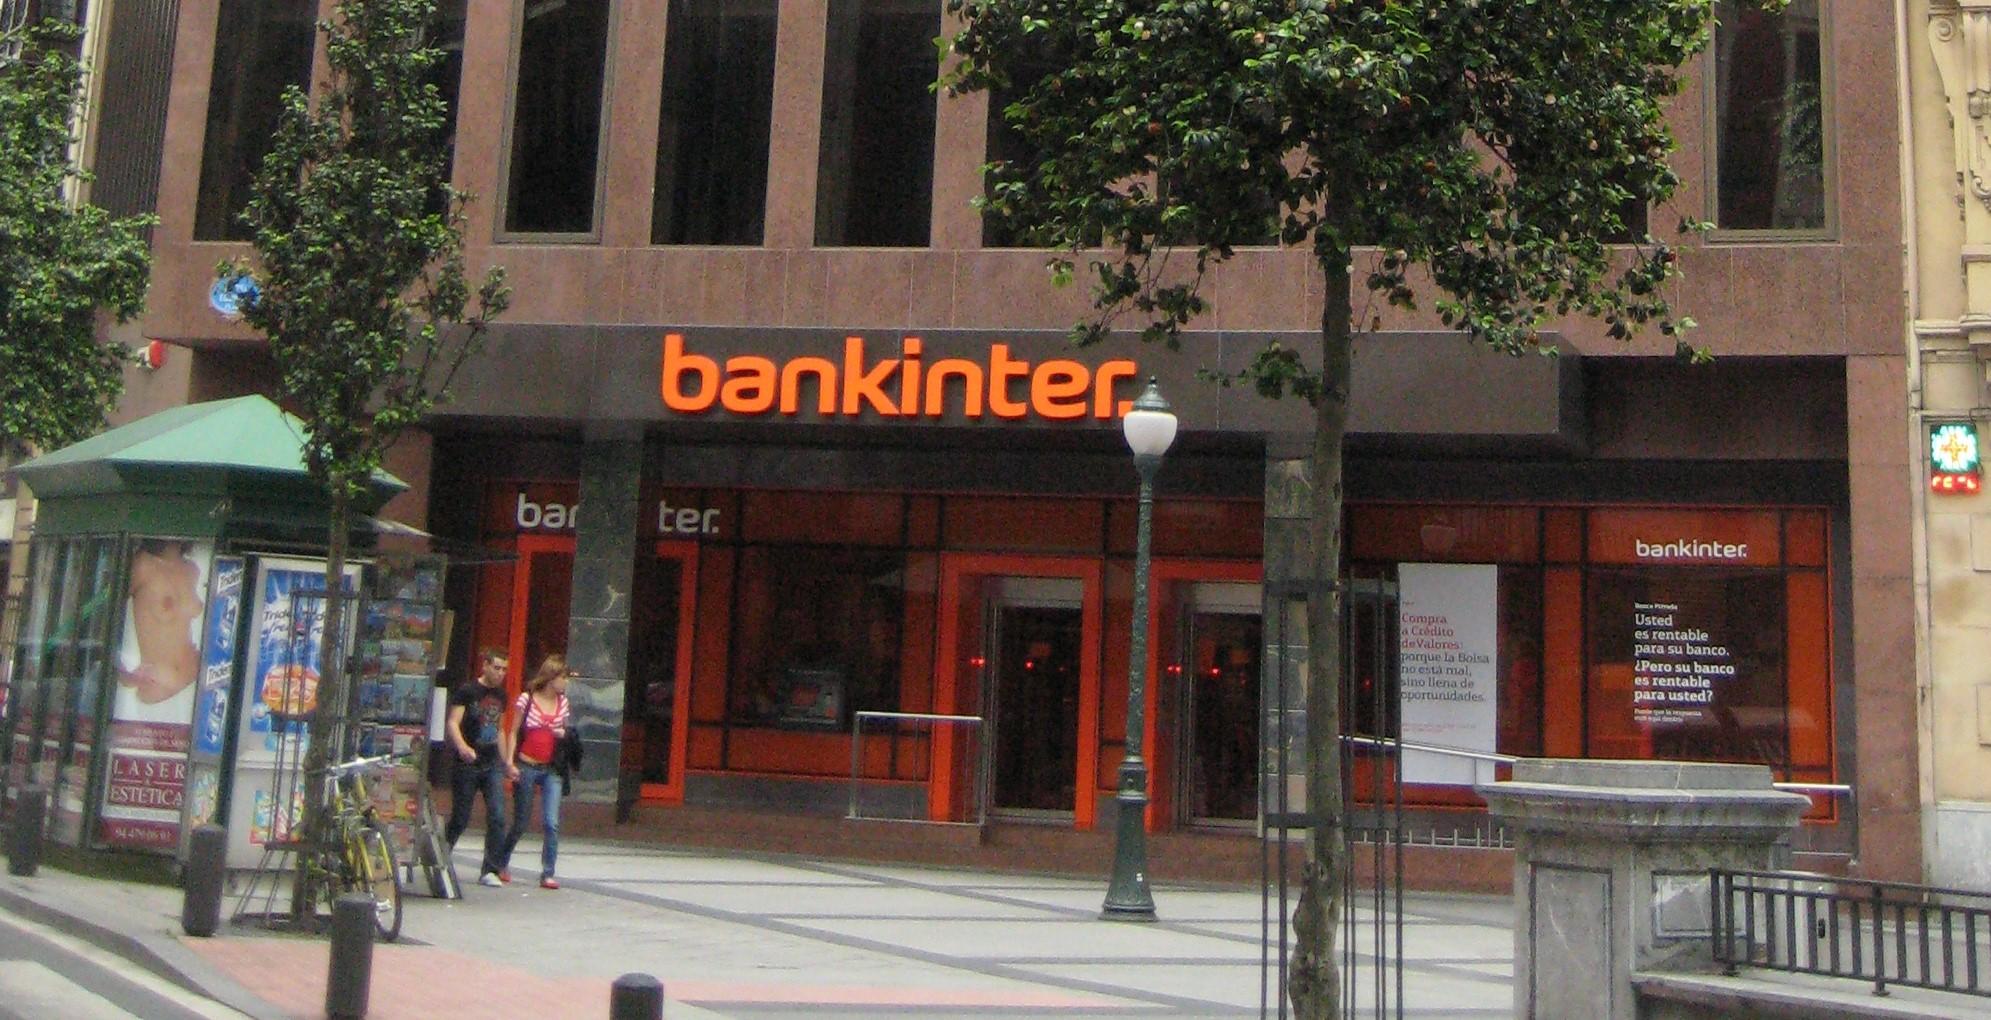 El Juzgado de Primera Instancia 101 de Madrid declara la nulidad del préstamo hipotecario en lo referente a la multidivisa por abusivo.